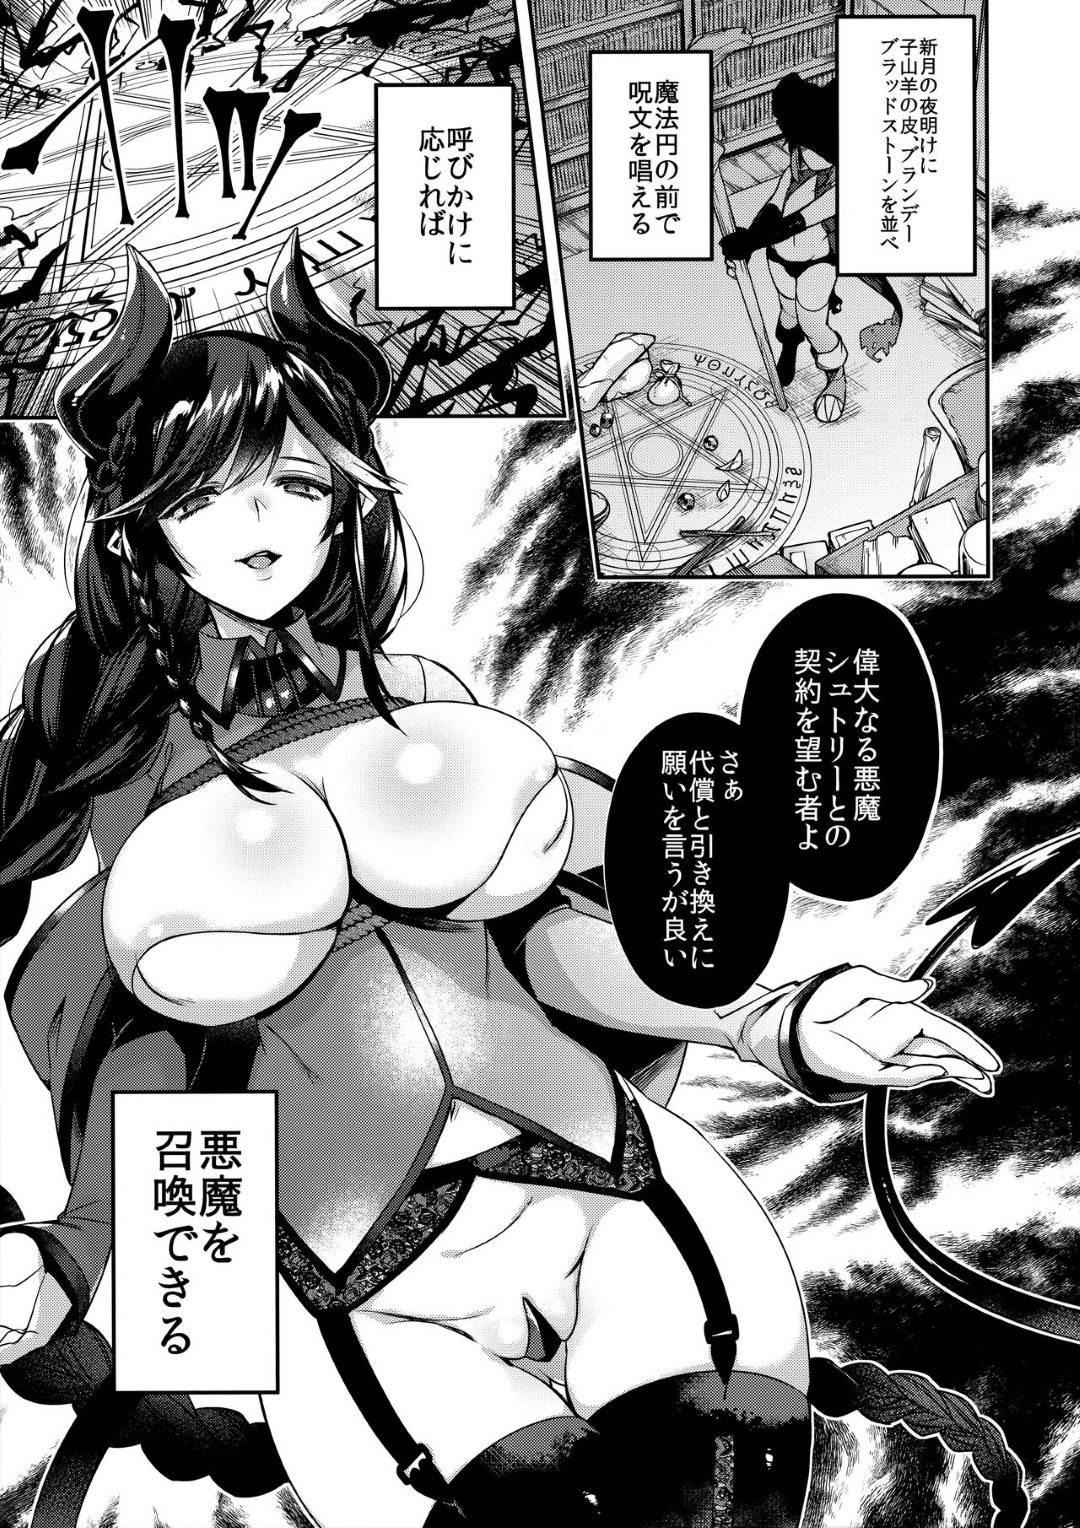 【エロ漫画】ショタの前に召喚された淫乱な魔女のお姉さん。彼女は彼に筆おろししようとフェラやパイズリを施した挙げ句、アナル舐めや尻尾でアナル責めなどをしてアナルを開発し、騎乗位で勃起チンポを挿入させて童貞を奪うのだった!